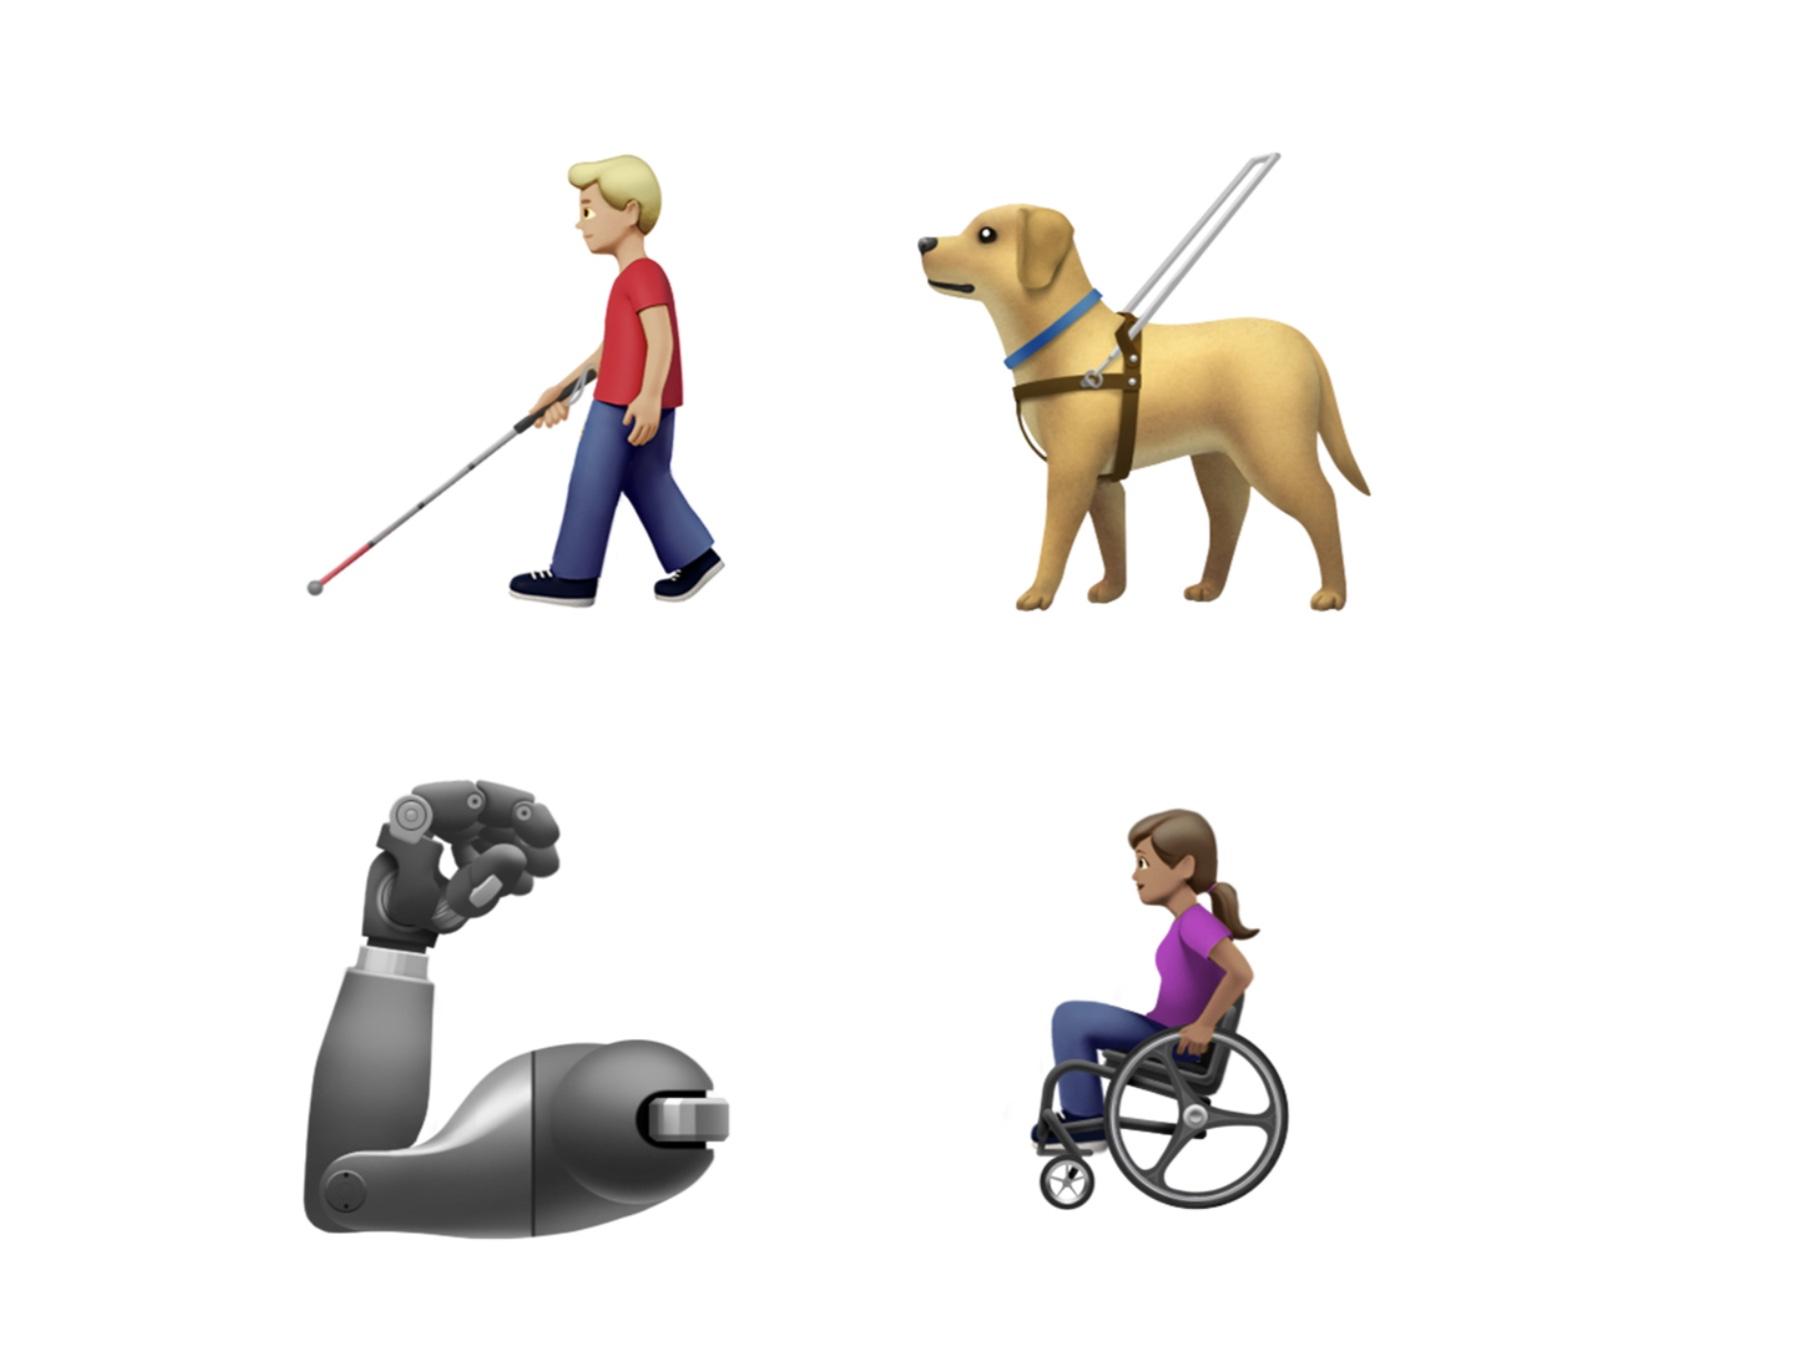 車椅子や補聴器も! 世界絵文字デーでAppleが秋投入の絵文字を発表